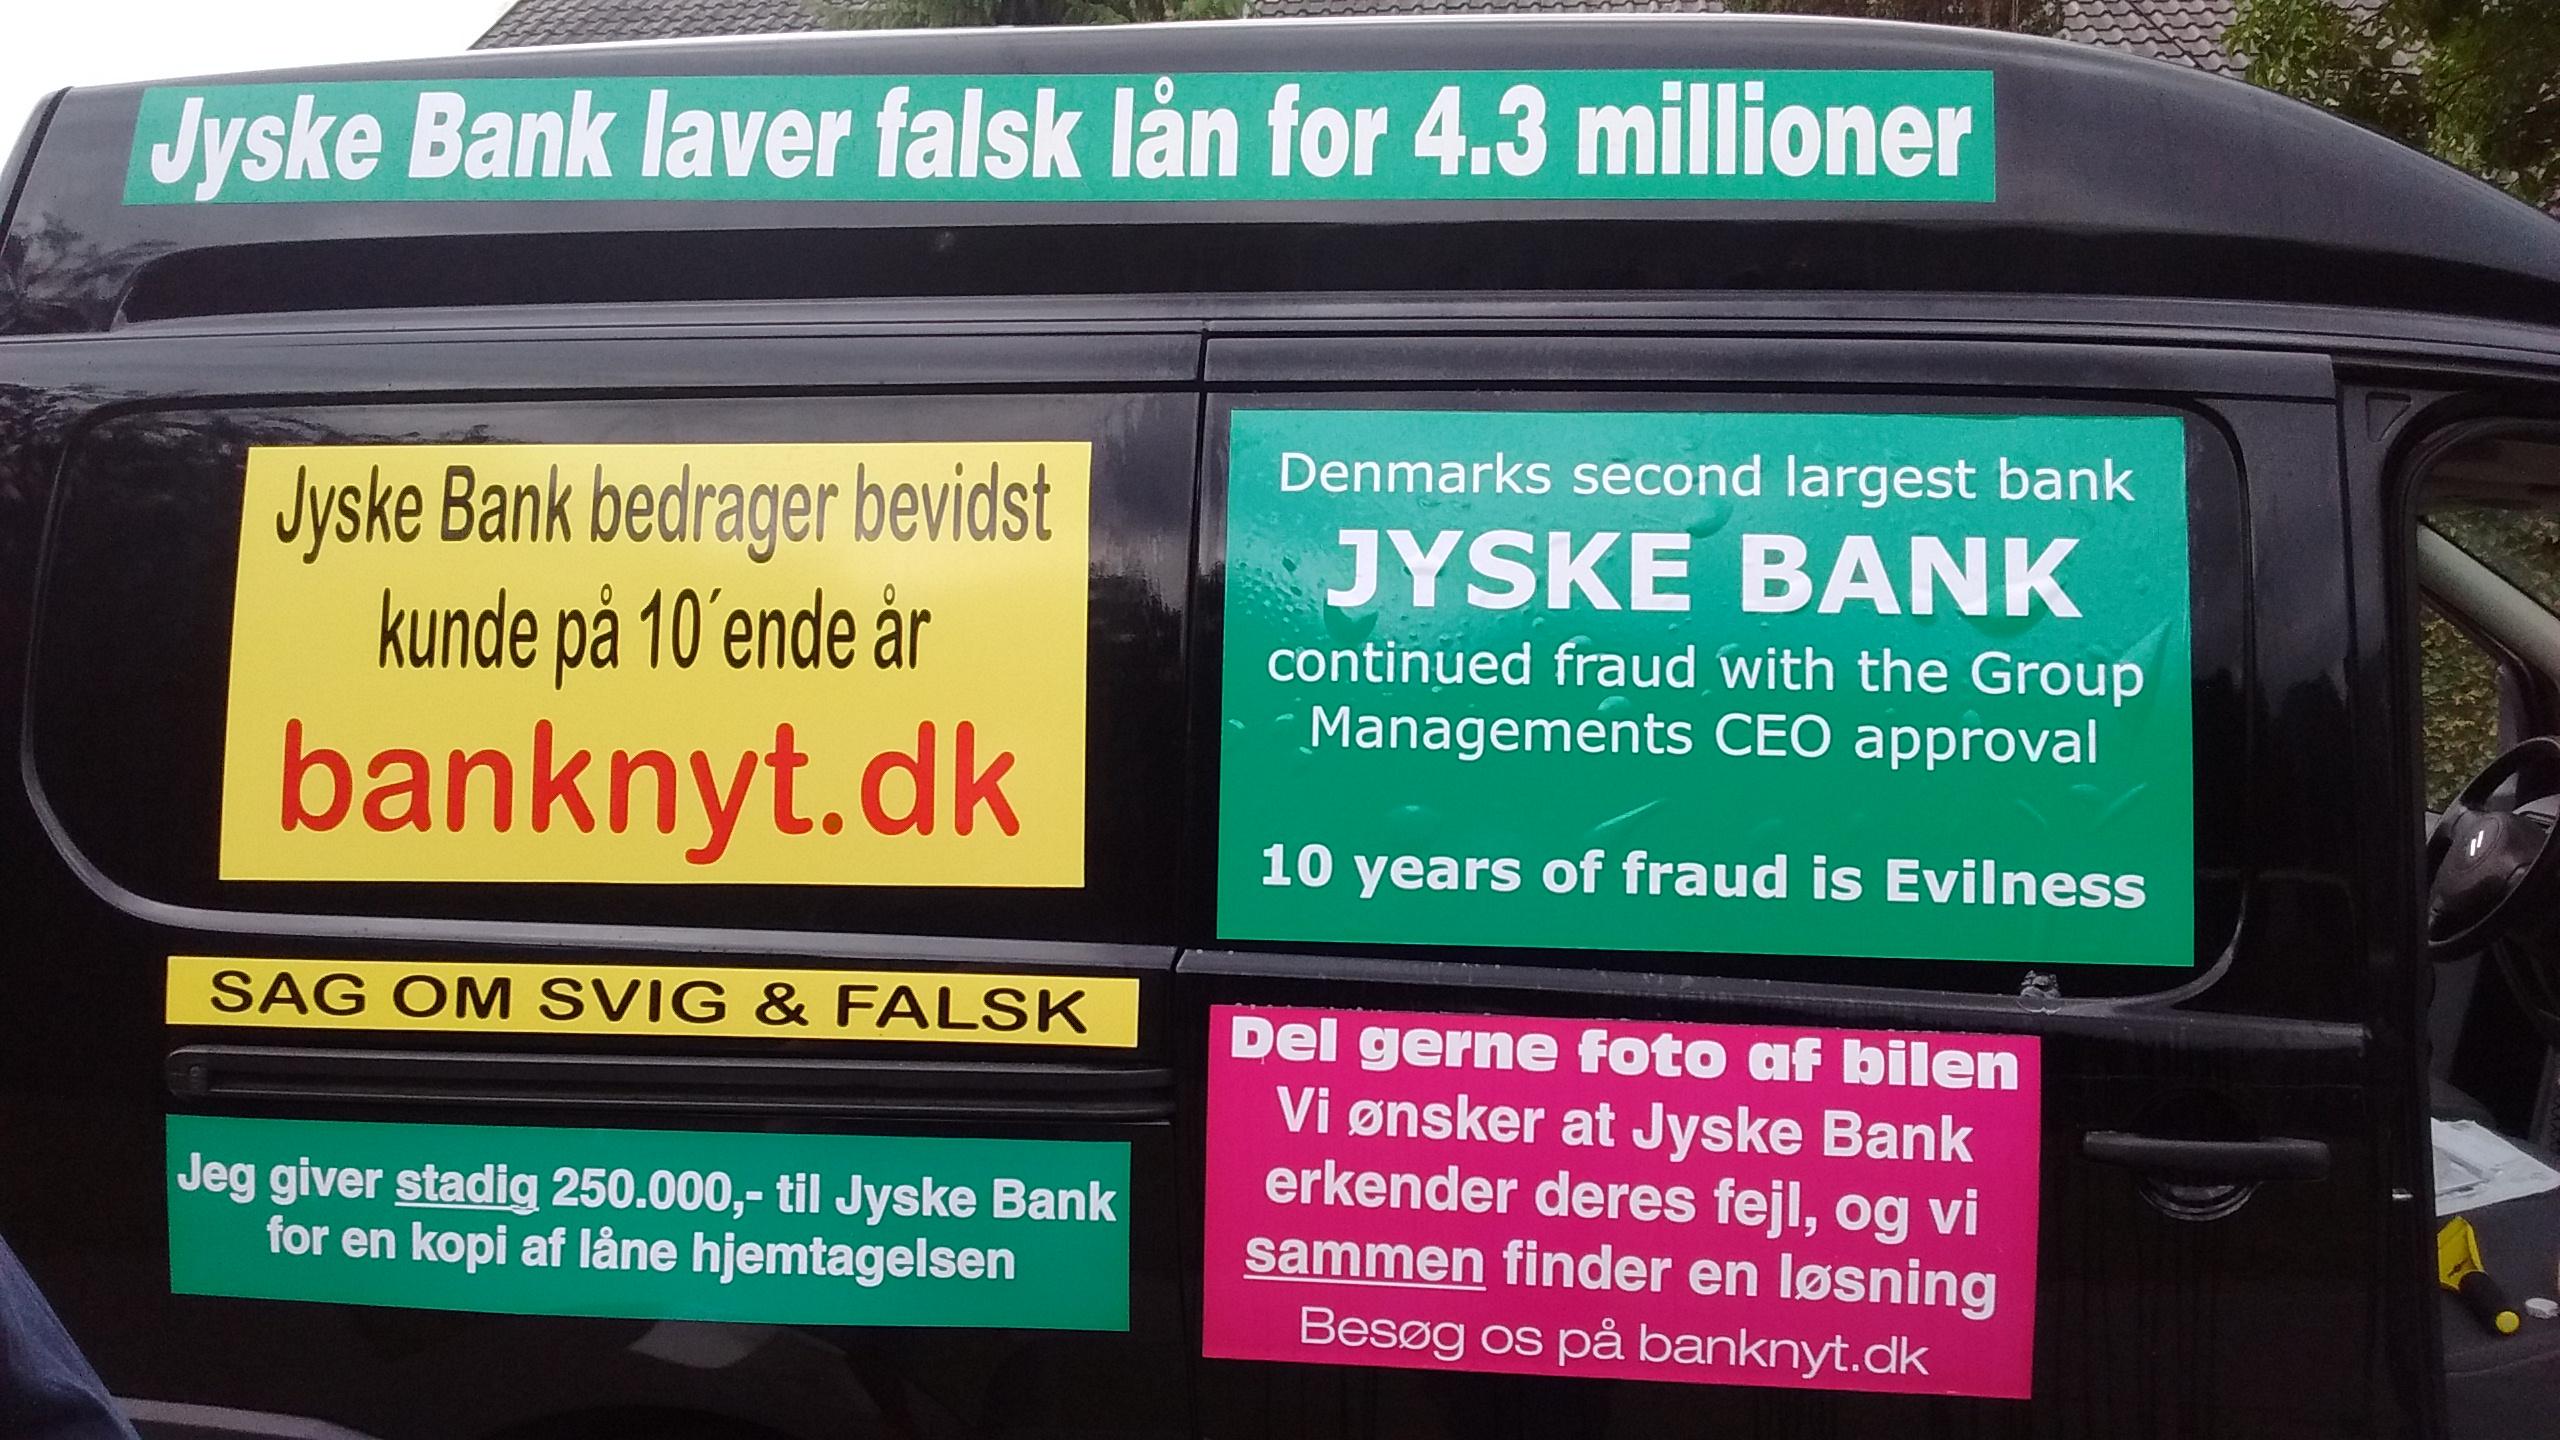 Kontakt Jyske Bank hvis du vil have dårlig og løgnagtig rådgivning www.banknyt.dk  Ærlighed finder du ikke i Jyske Bank, denne bank bedrager med ledelsens viden og godkendelse  #Danmarks store #kriminelle #virksomhed  #Danske #Svindel #Bank #Jyskebank kender ikke til #hæderlighed, og #bedrager lille #virksomhed på trods af at #AndersDam og koncern ledelsen er oplyst om, at den kriminelle jyske bank bevist bedrager kunden ved #Svig og #Falsk på 10'ende år. #Ærlighed eller #Hæderlighed  #Lyve #Bedrageri #Dokumentfalsk #Bedrageriske  #Stjålende  - BEDRAGERI  Fraud in the Danish banks by by Jyske Bank management  #Bank #AnderChristianDam    #Gangcrimes #Crimes #Stock #Recommendations #Rental #Property #Lejebolig  #Journalist #Press  -   When the Danish banks deceive their customers   a case of fraud in Danish banks against customers    :-(  :-(    When the #Danish #Banks as #jyskebank are making fraud   And the gang leader, Anders Dam controls the bank's fraud.   :-(    Anders Dam Bank's CEO refuses to quit fraud against customers  -  So it only shows how criminal the Danish jyske bank is.   :-)   Do not trust the #JyskeBank  they are #Lying constantly,   when the bank cheats you    The fraud that is #organized through by 3 departments,  and many members of the organization JYSKE BANK    :-(    The Danish bank jyske bank is a criminal business Follow the case in Danish law BS 99-698/2015    :-) :-)   - Thanks to all of you we meet on the road.    Which gives us your full support to the fight against the Danish fraud bank.   JYSKE BANK    :-)  :-)  Please ask the bank, jyske bank if we have raised a loan of DKK 4.328.000   In Danish bank nykredit.  as the Jyske bank writes to their customer, who is ill after a brain bleeding    -    As the bank is facing Danish courts and claim is a loan behind the interest rate swap  The swsp   Jyske Bank itself made 16-07-2008    #Financial #News #Press #Share #Pol #Recommendation #Sale #Firesale #AndersDam #JyskeBank #ATP #PFA  SøgAsy